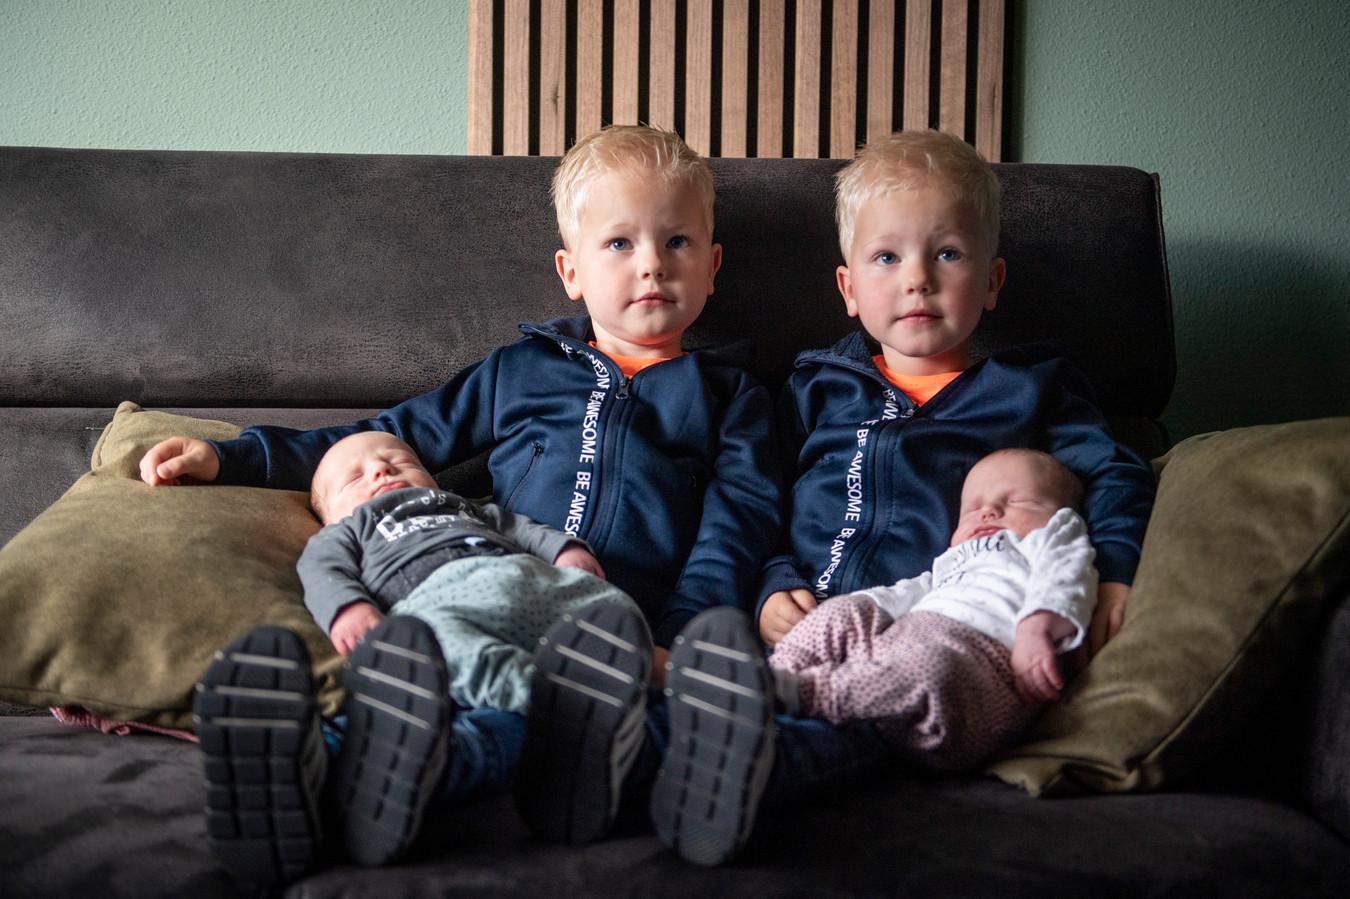 Van links naar rechts: baby Jax, Lewis (3), Owen (3) en baby Liva.